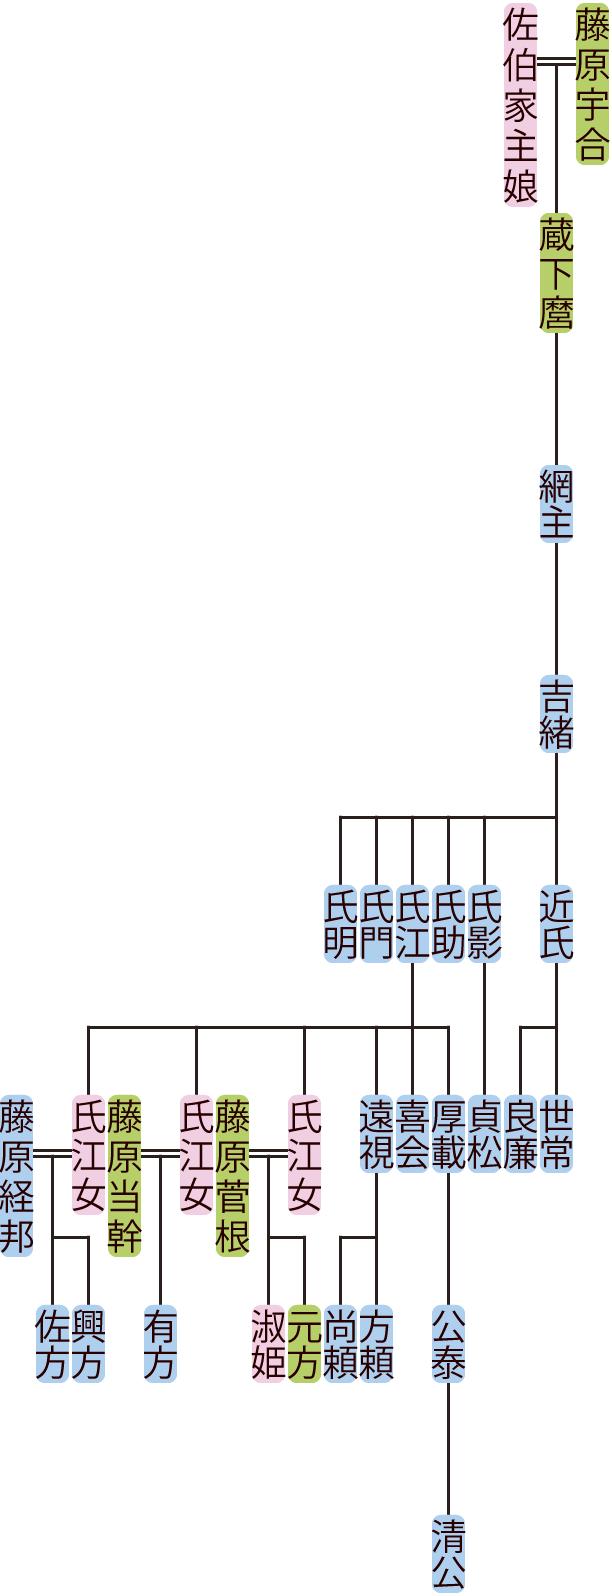 藤原網主の系図